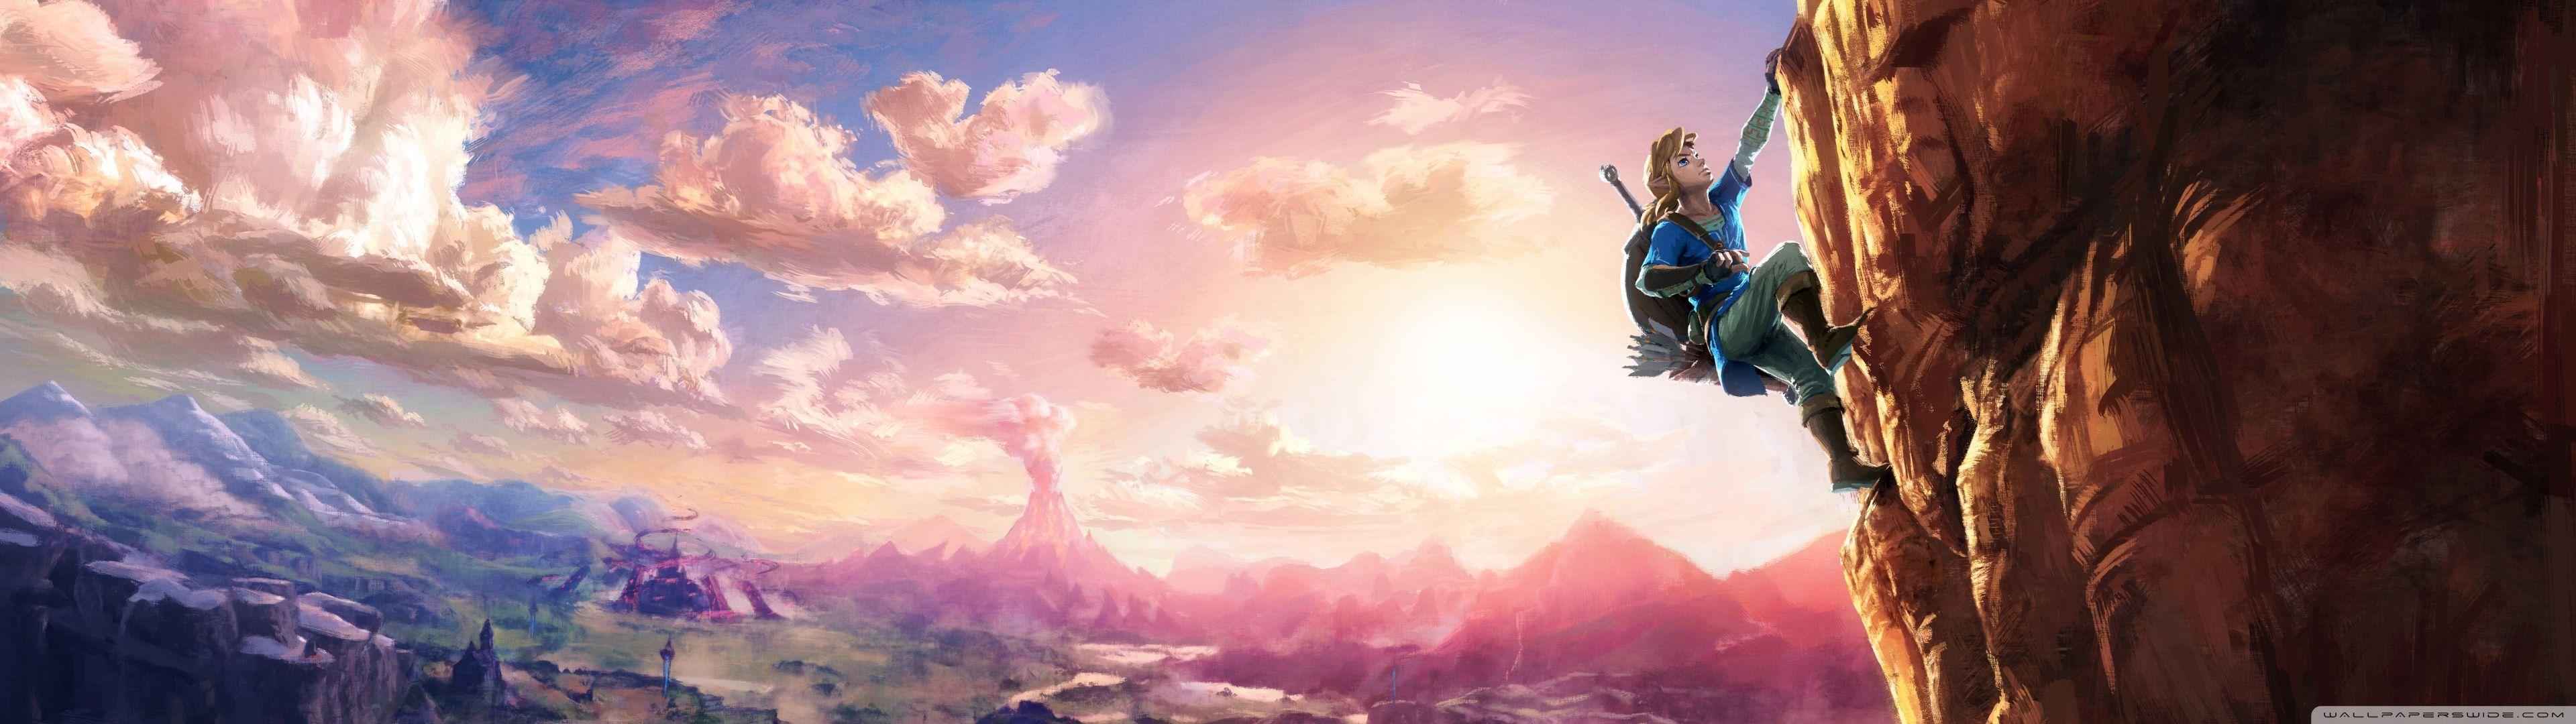 Link Climbing 3840x1080 Zelda wii, Legend of zelda